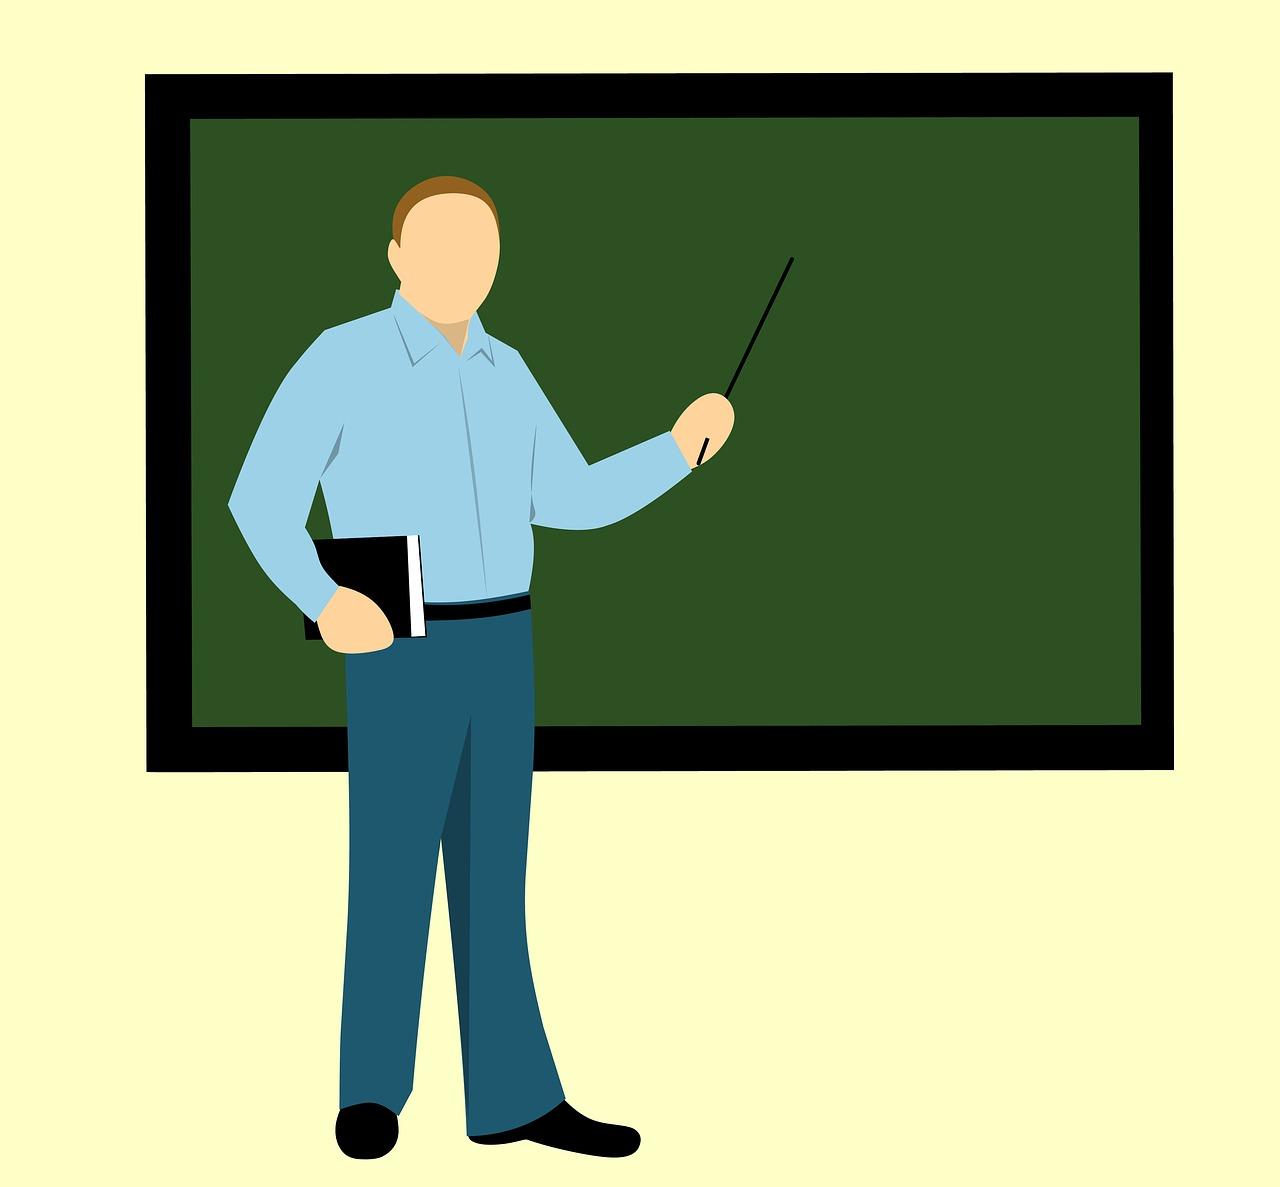 「先生」と呼ばれる仕事。外部からの視点も意識すべきと感じる理由。